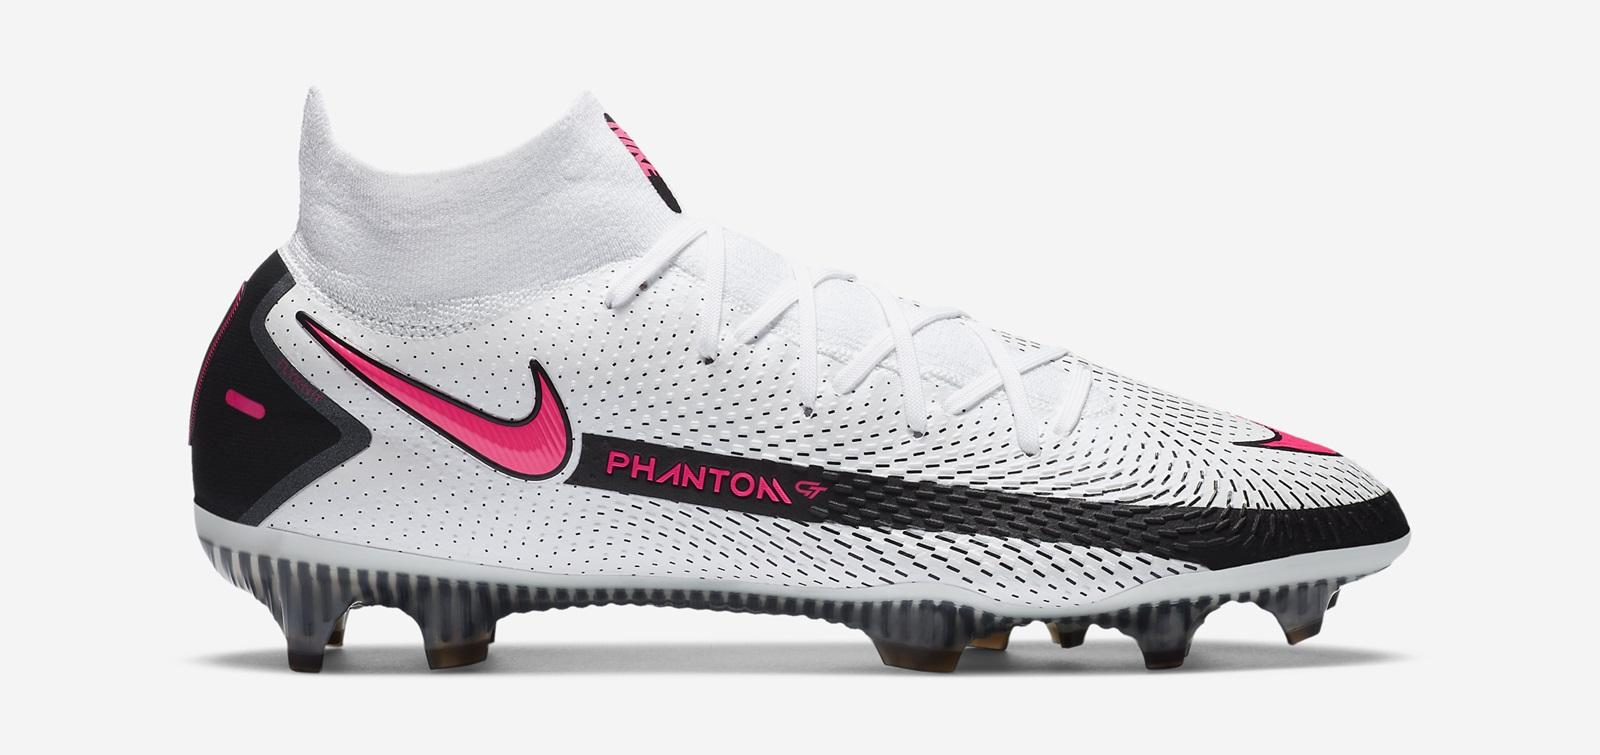 Nike Phantom GT phiên bản cổ cao cũng được làm bằng chất liệu vải sợi dệt